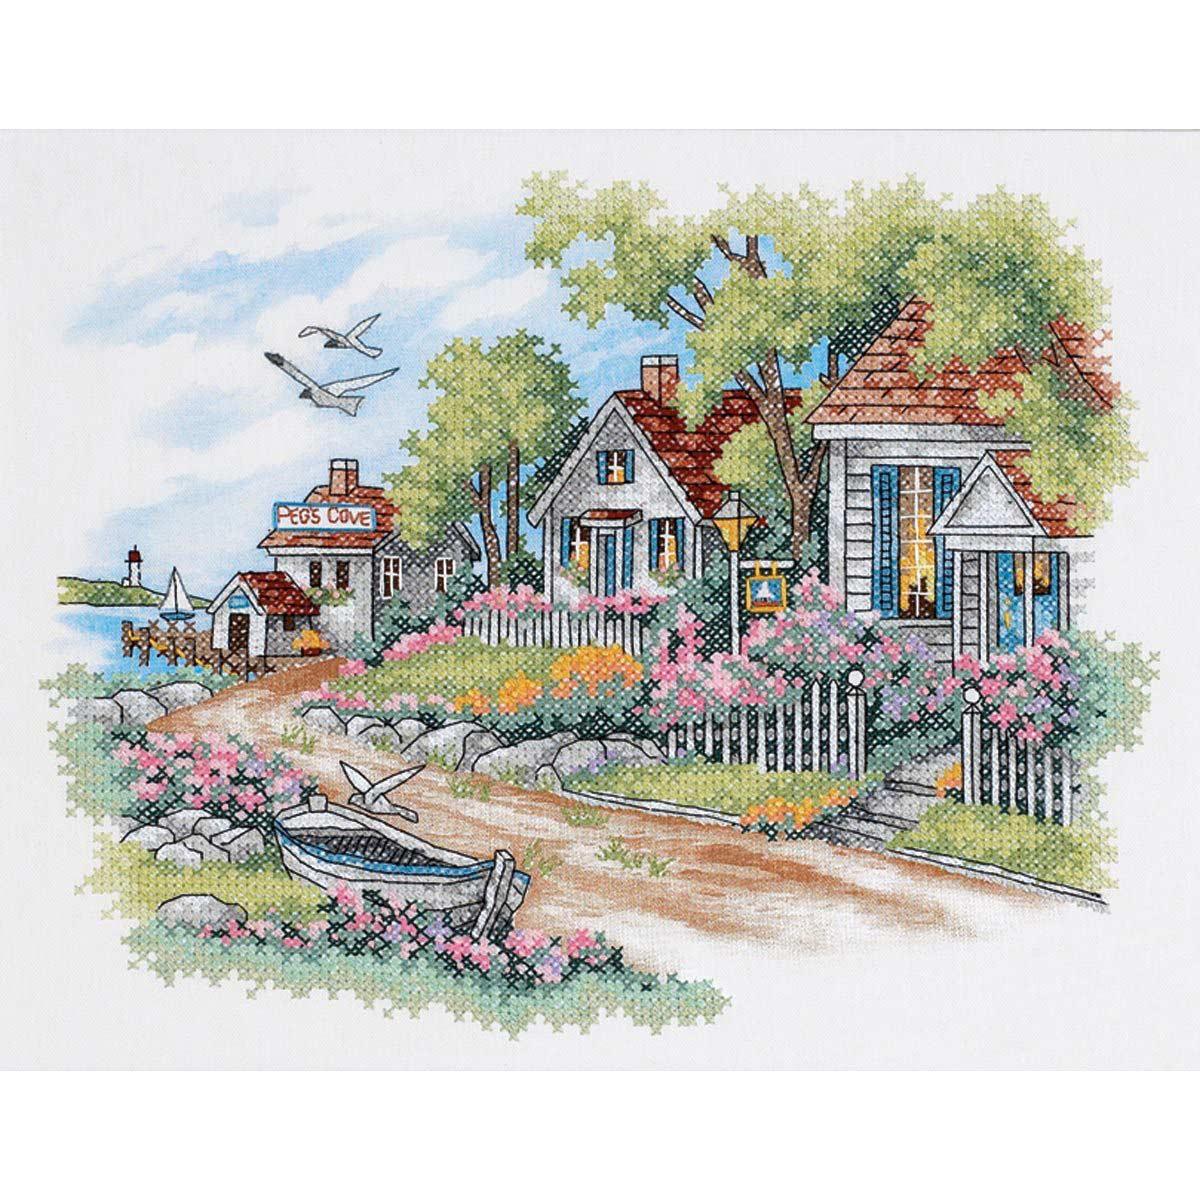 3240-DMS Набор для вышивания Dimensions 'Дом у моря' 36*28см